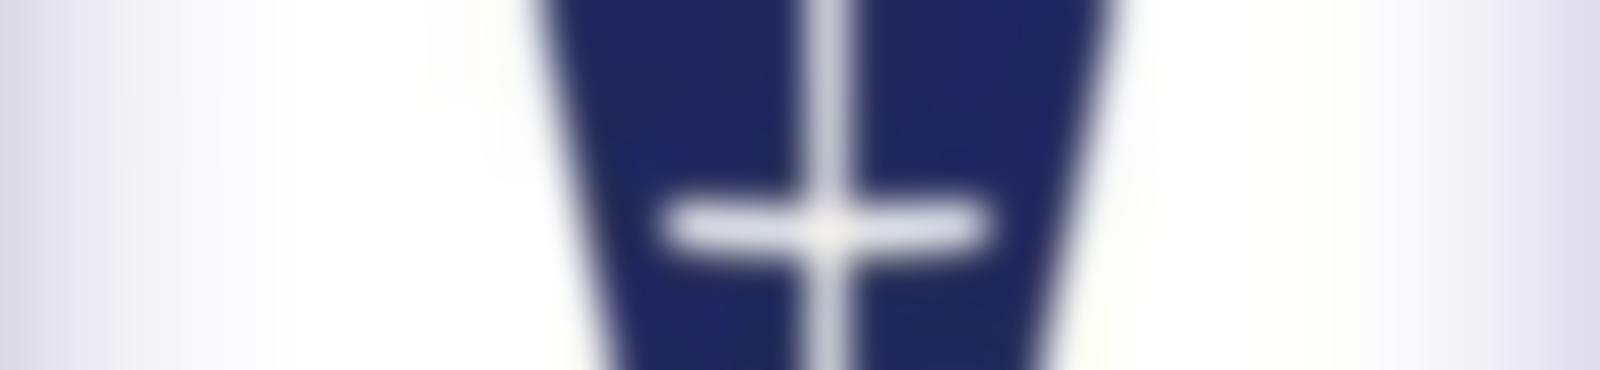 Blurred 250718 342900782485020 1580048290 n